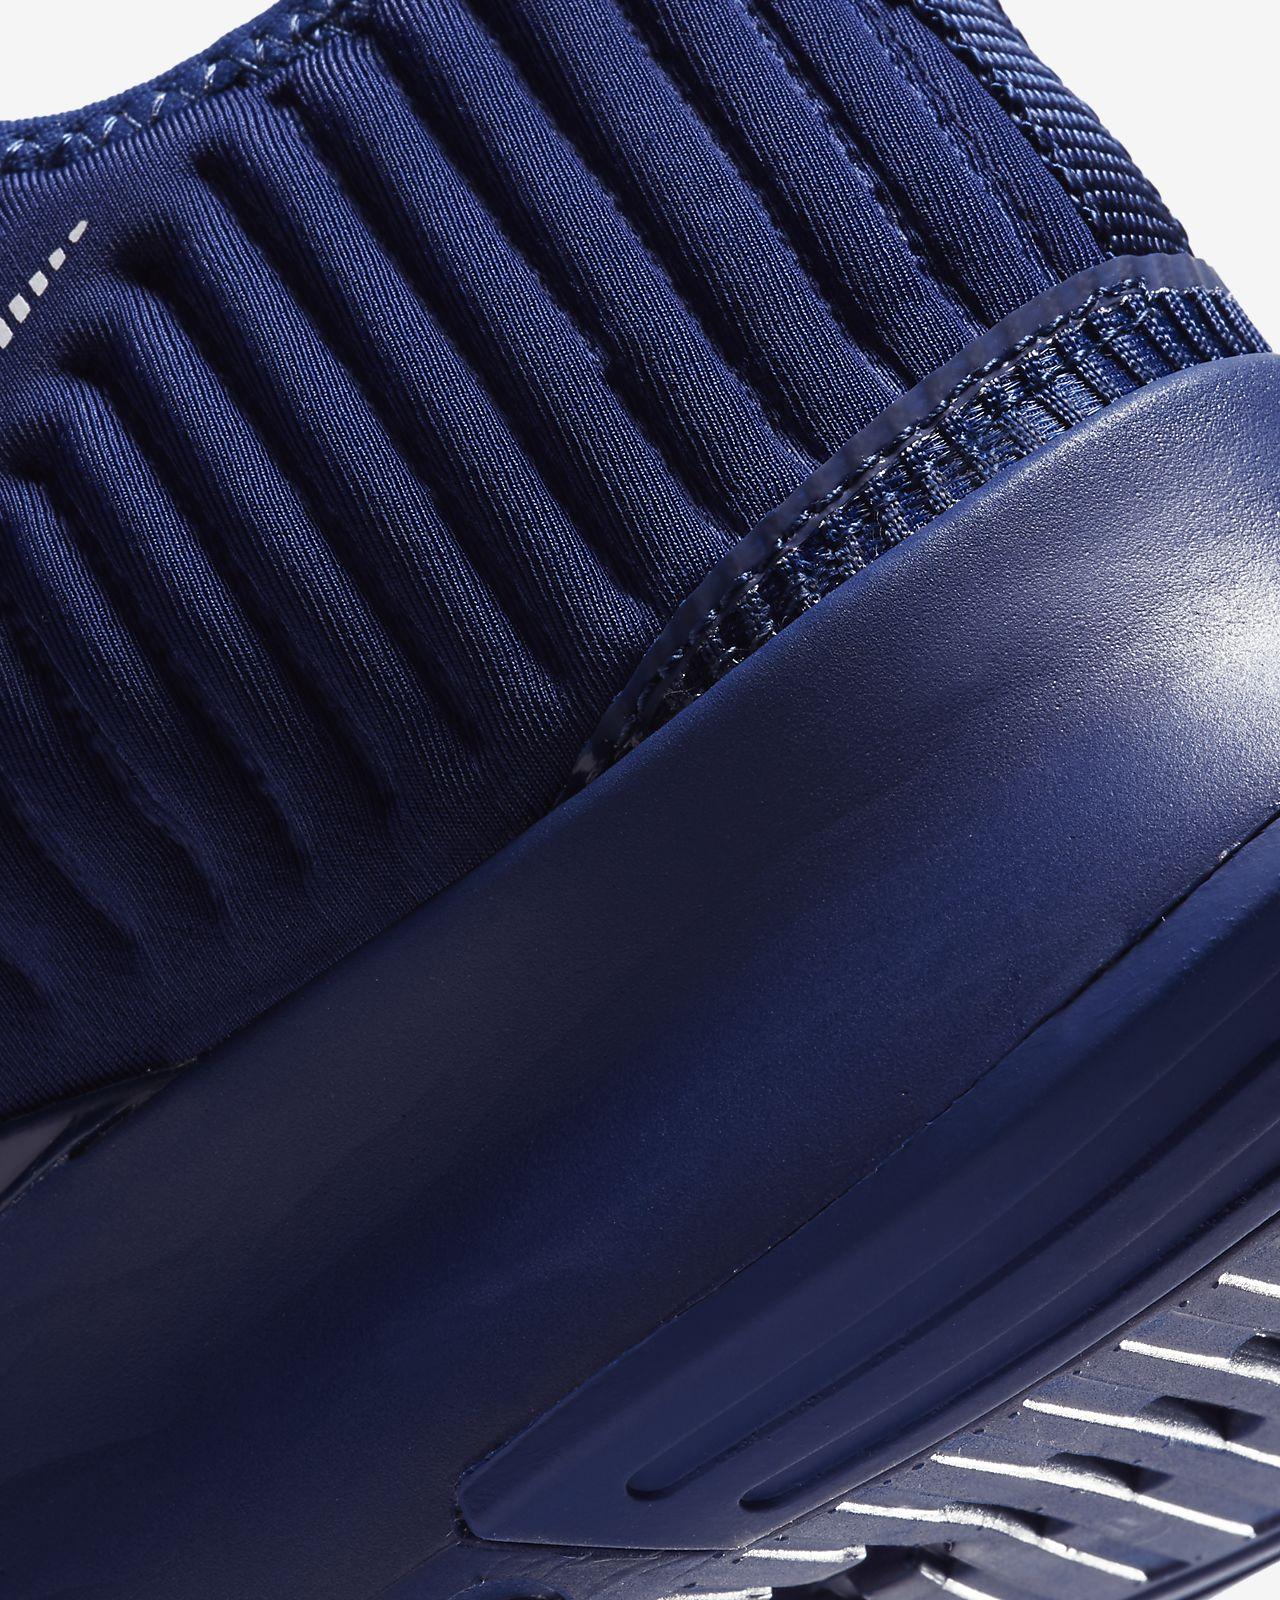 Nike Explain the Air VaporMax Plus   Sneakers sketch